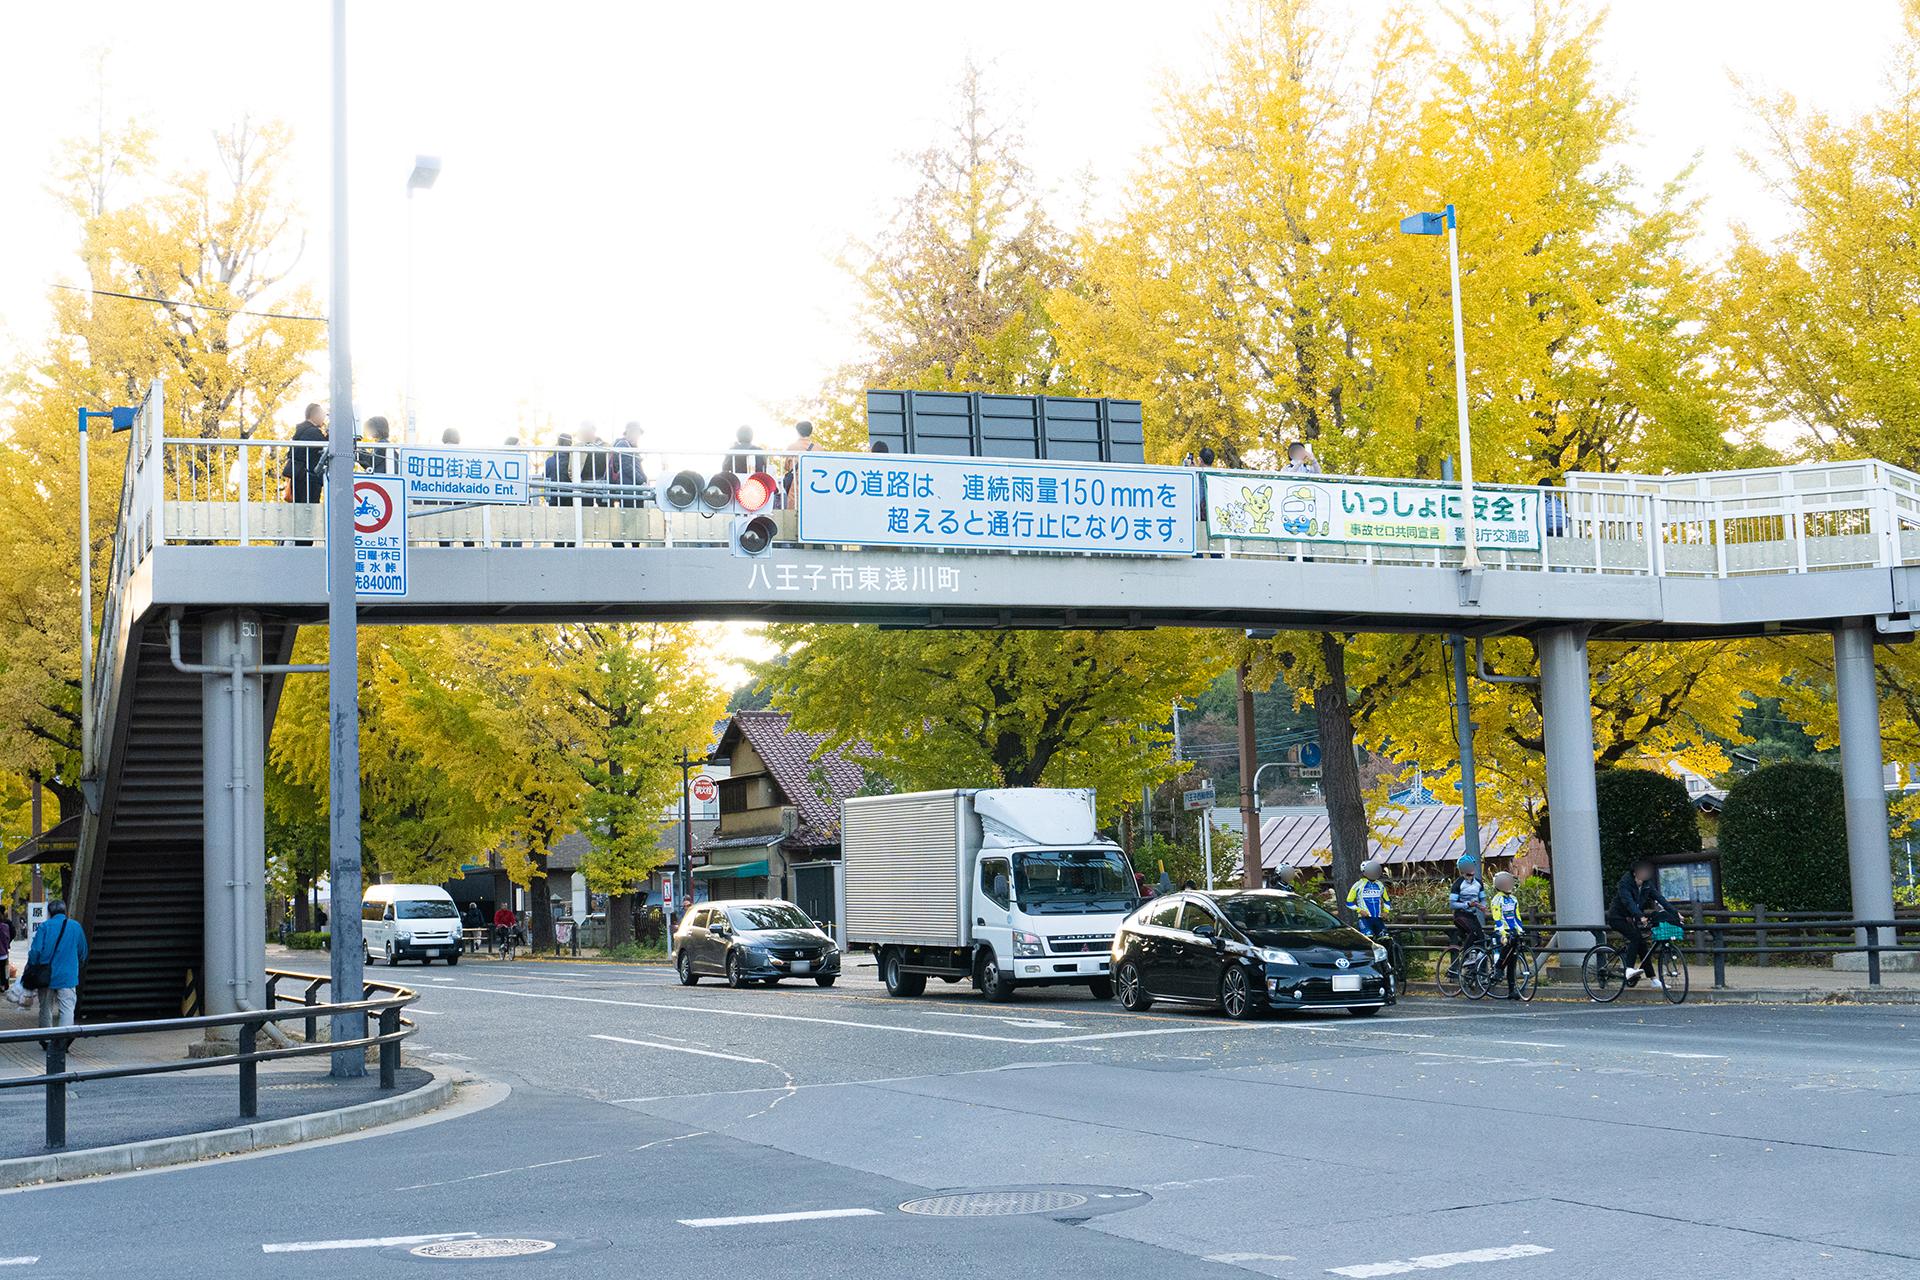 いちょう歩道橋